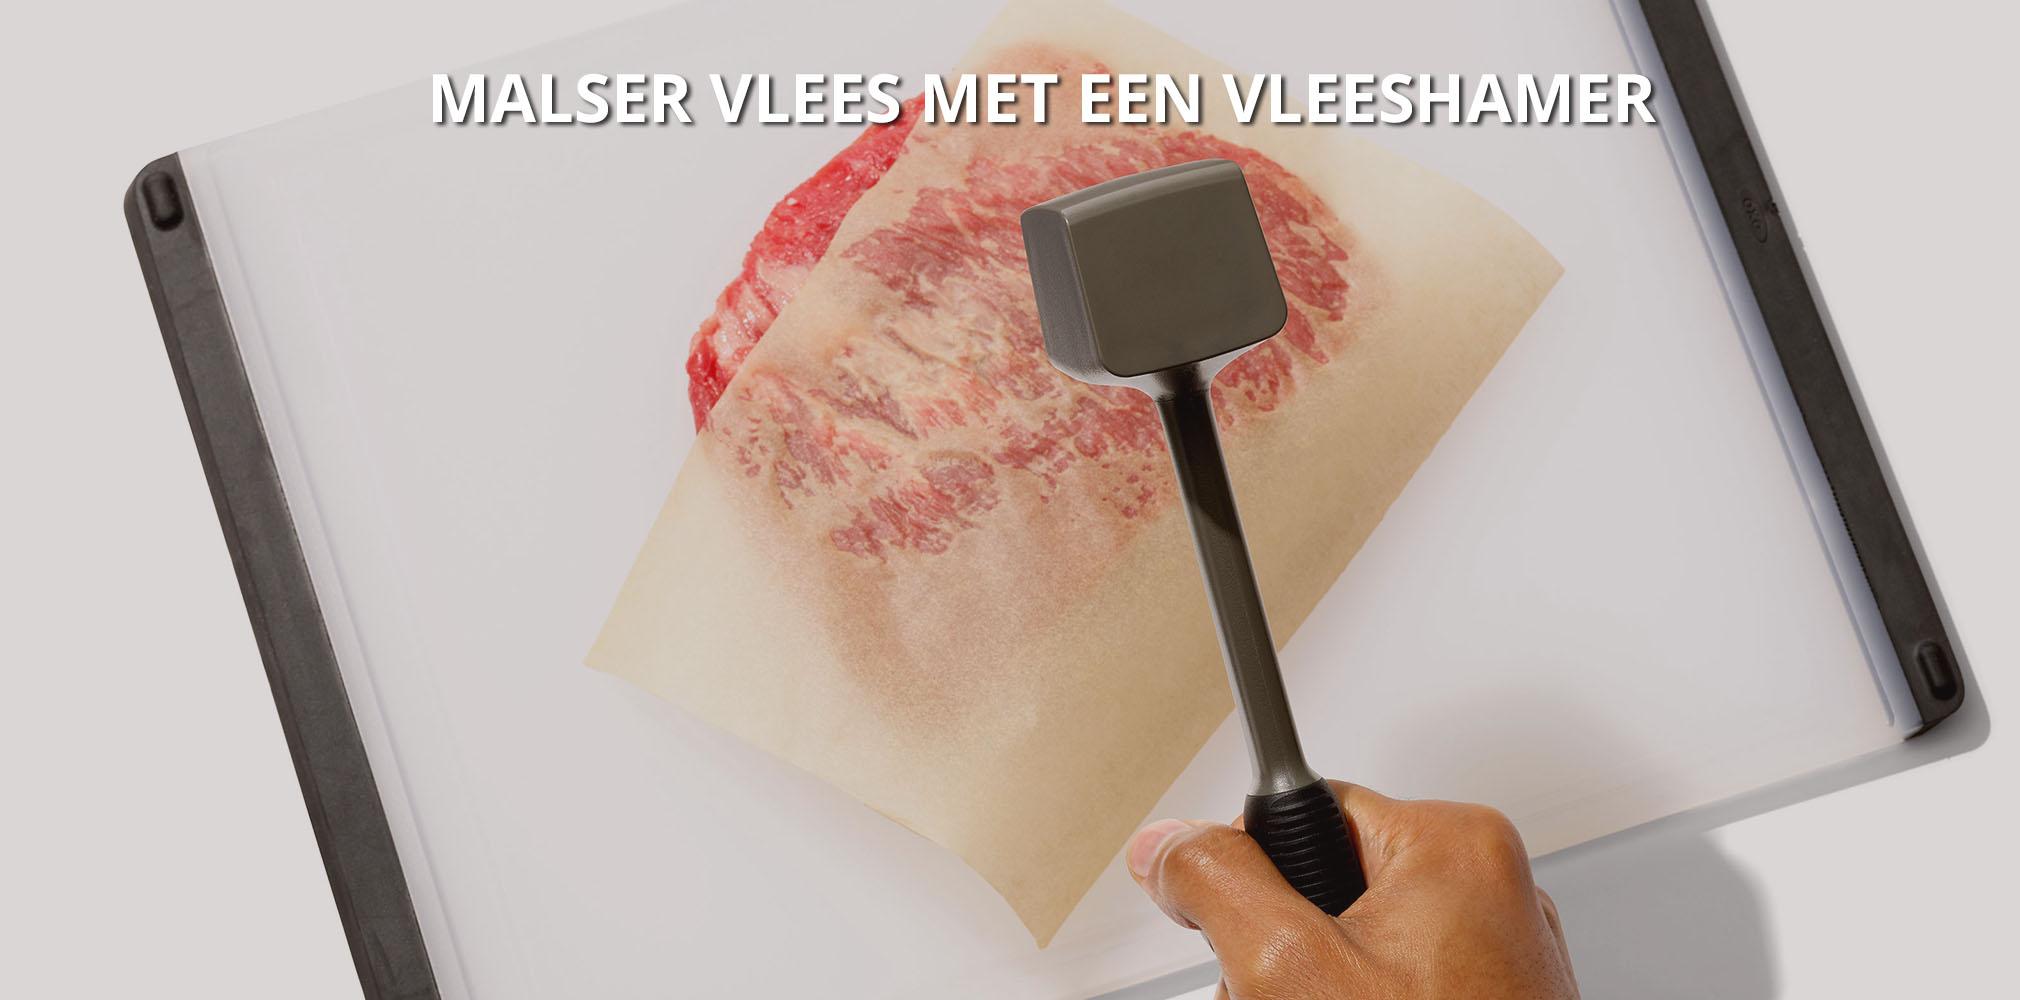 OXO Vleeshamer voor malser vlees